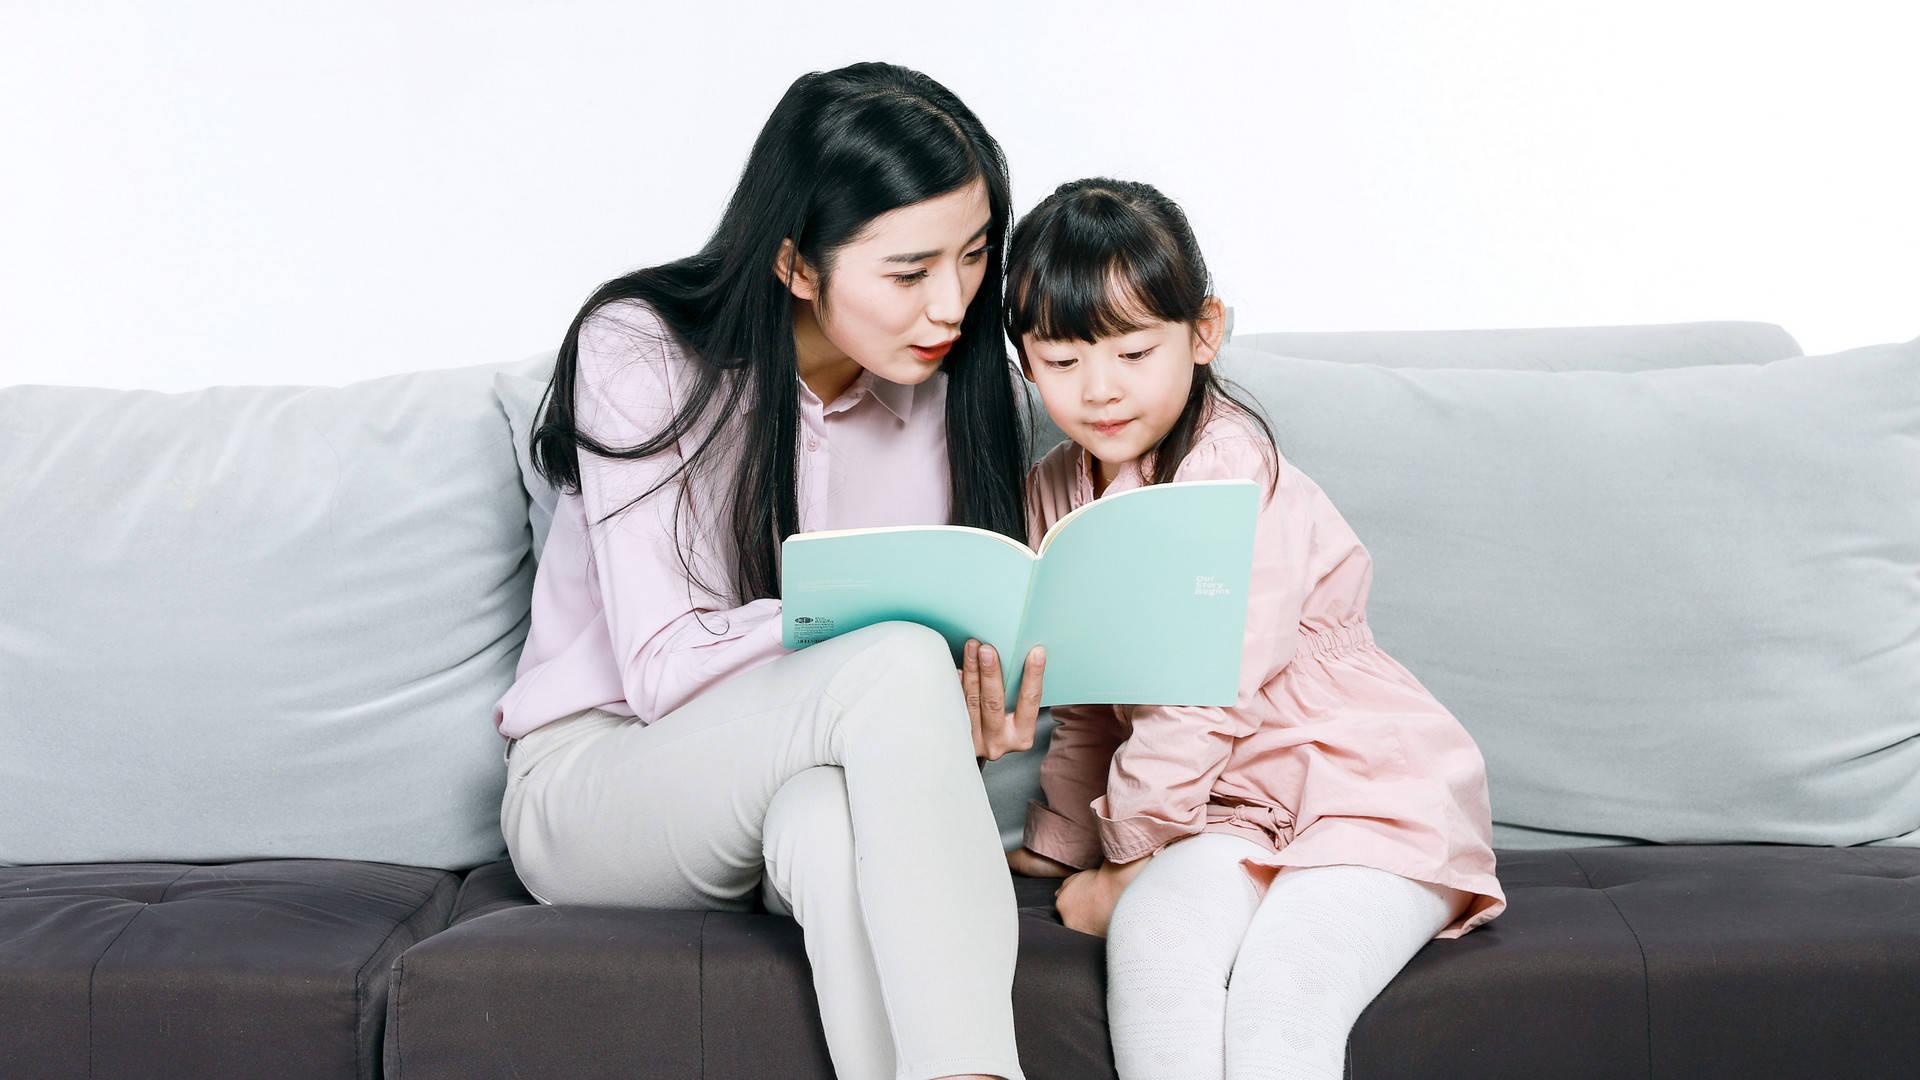 """原创寒假陪娃,娃却坐不住,如何培养孩子专注力,让孩子""""坐得住"""""""